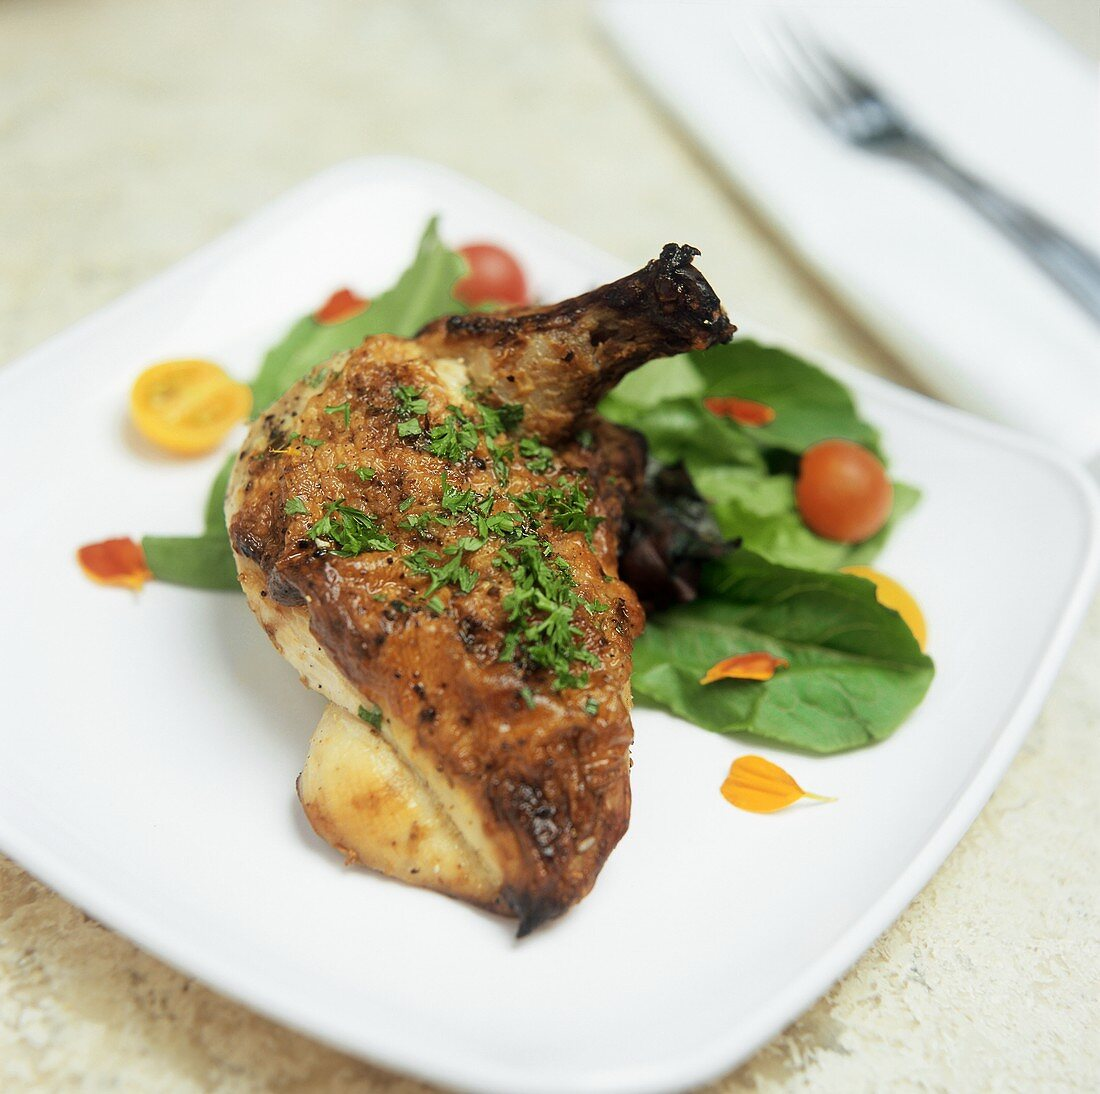 Glazed chicken leg with salad garnish